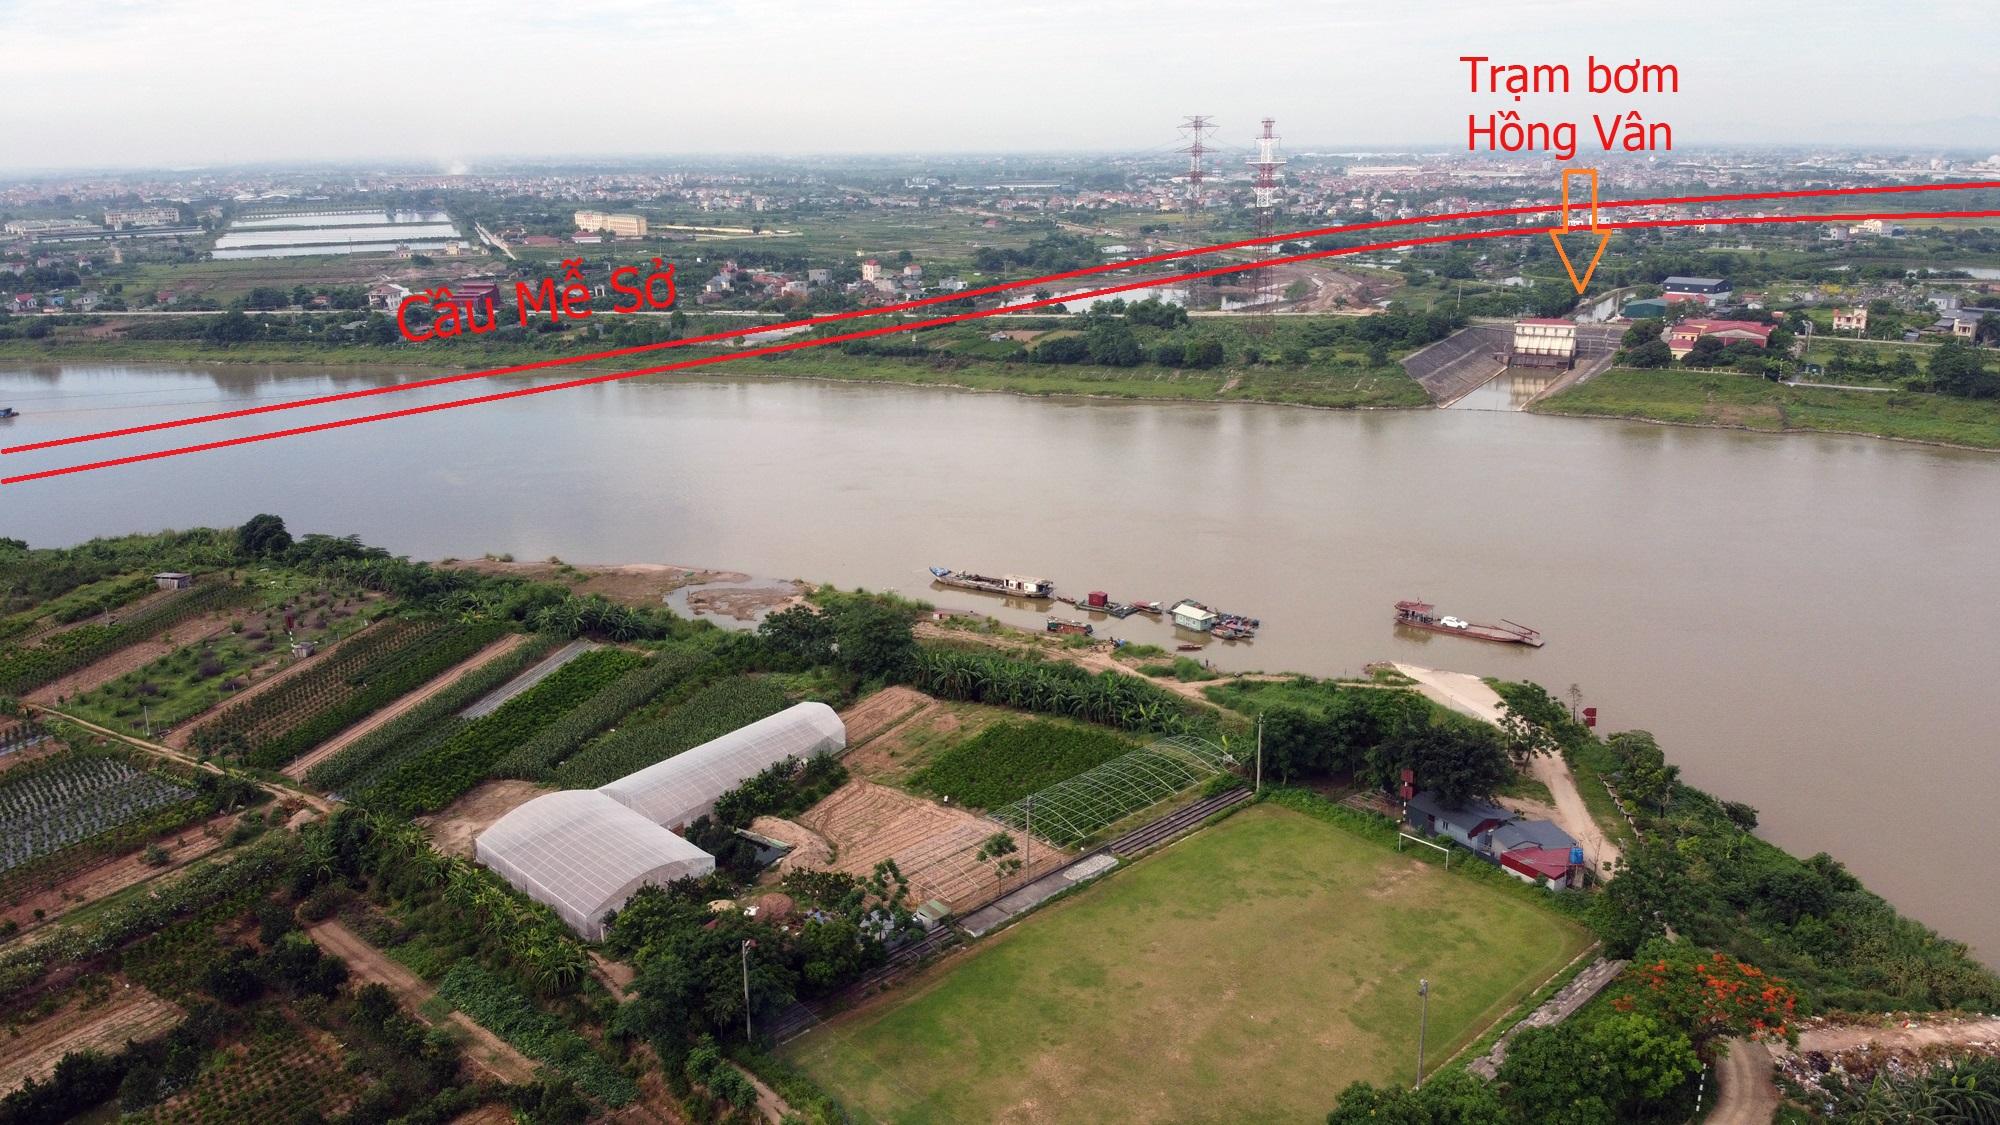 Cầu sẽ mở theo qui hoạch ở Hà Nội: Toàn cảnh vị trí làm cầu Mễ Sở nối Văn Giang - Thường Tín - Ảnh 3.